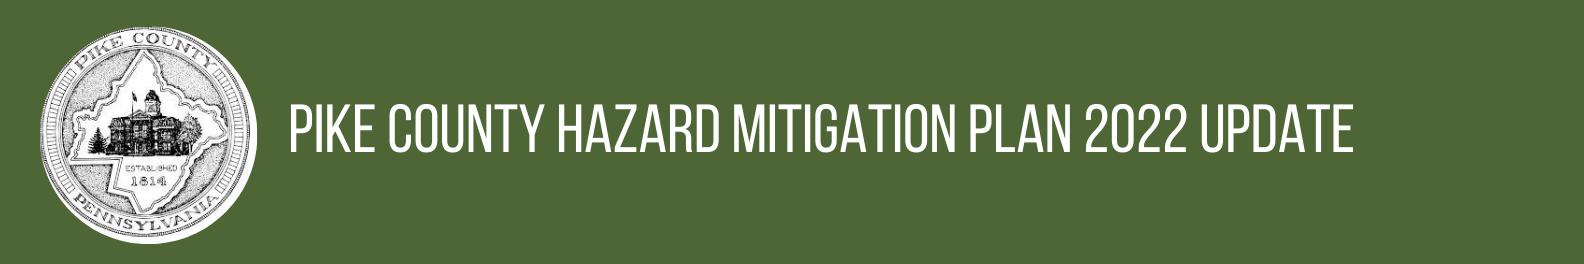 Pike County Hazard Mitigation Plan Update